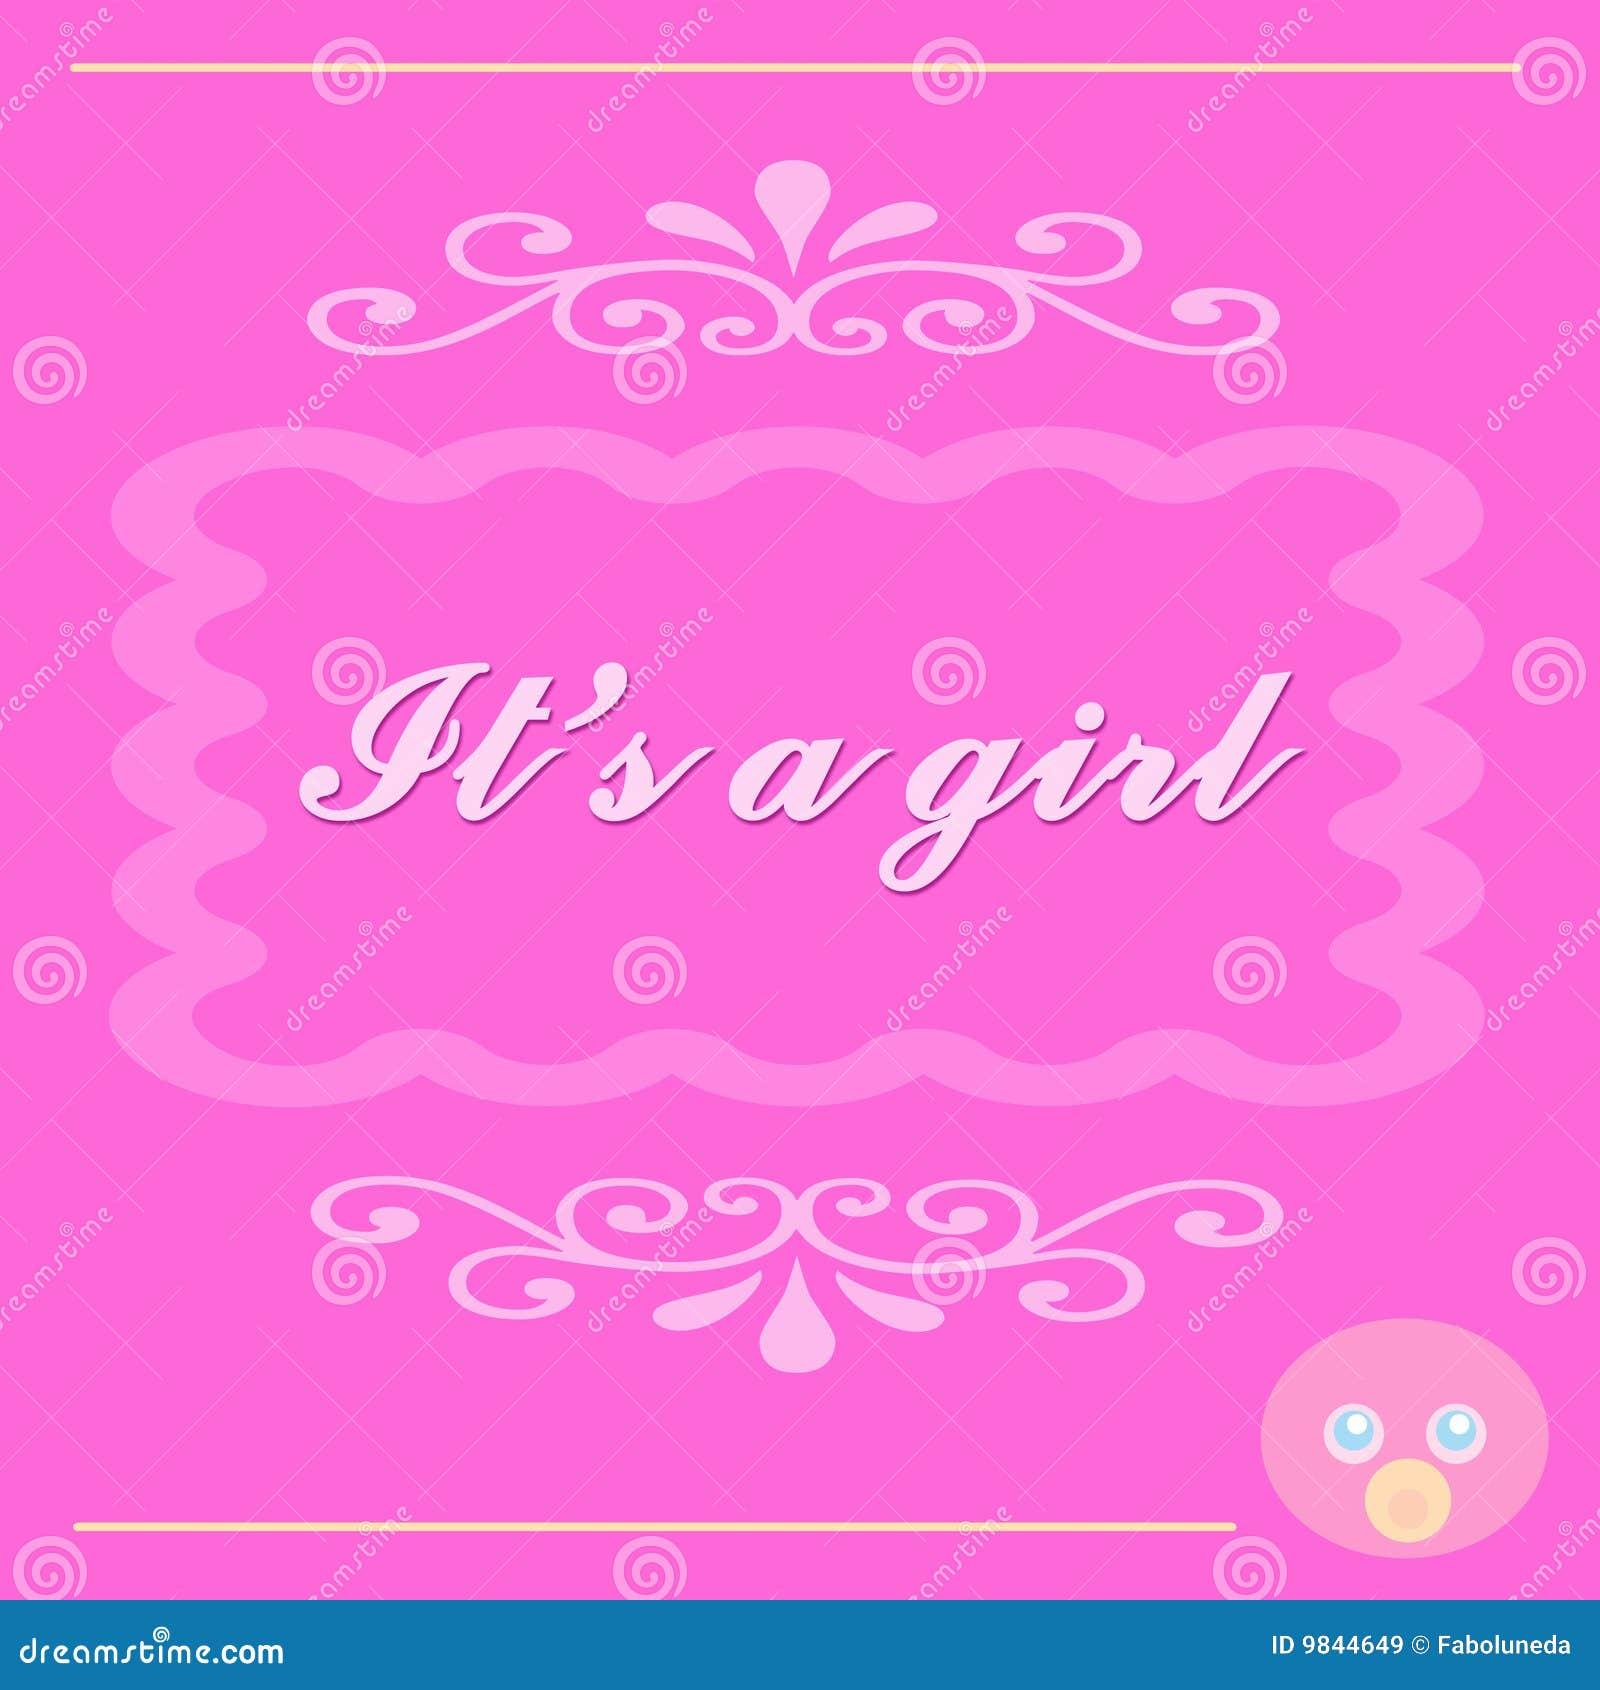 Het is een kaart van het meisje van de baby royalty vrije stock afbeeldingen afbeelding 9844649 - Beeld het meisje van ...